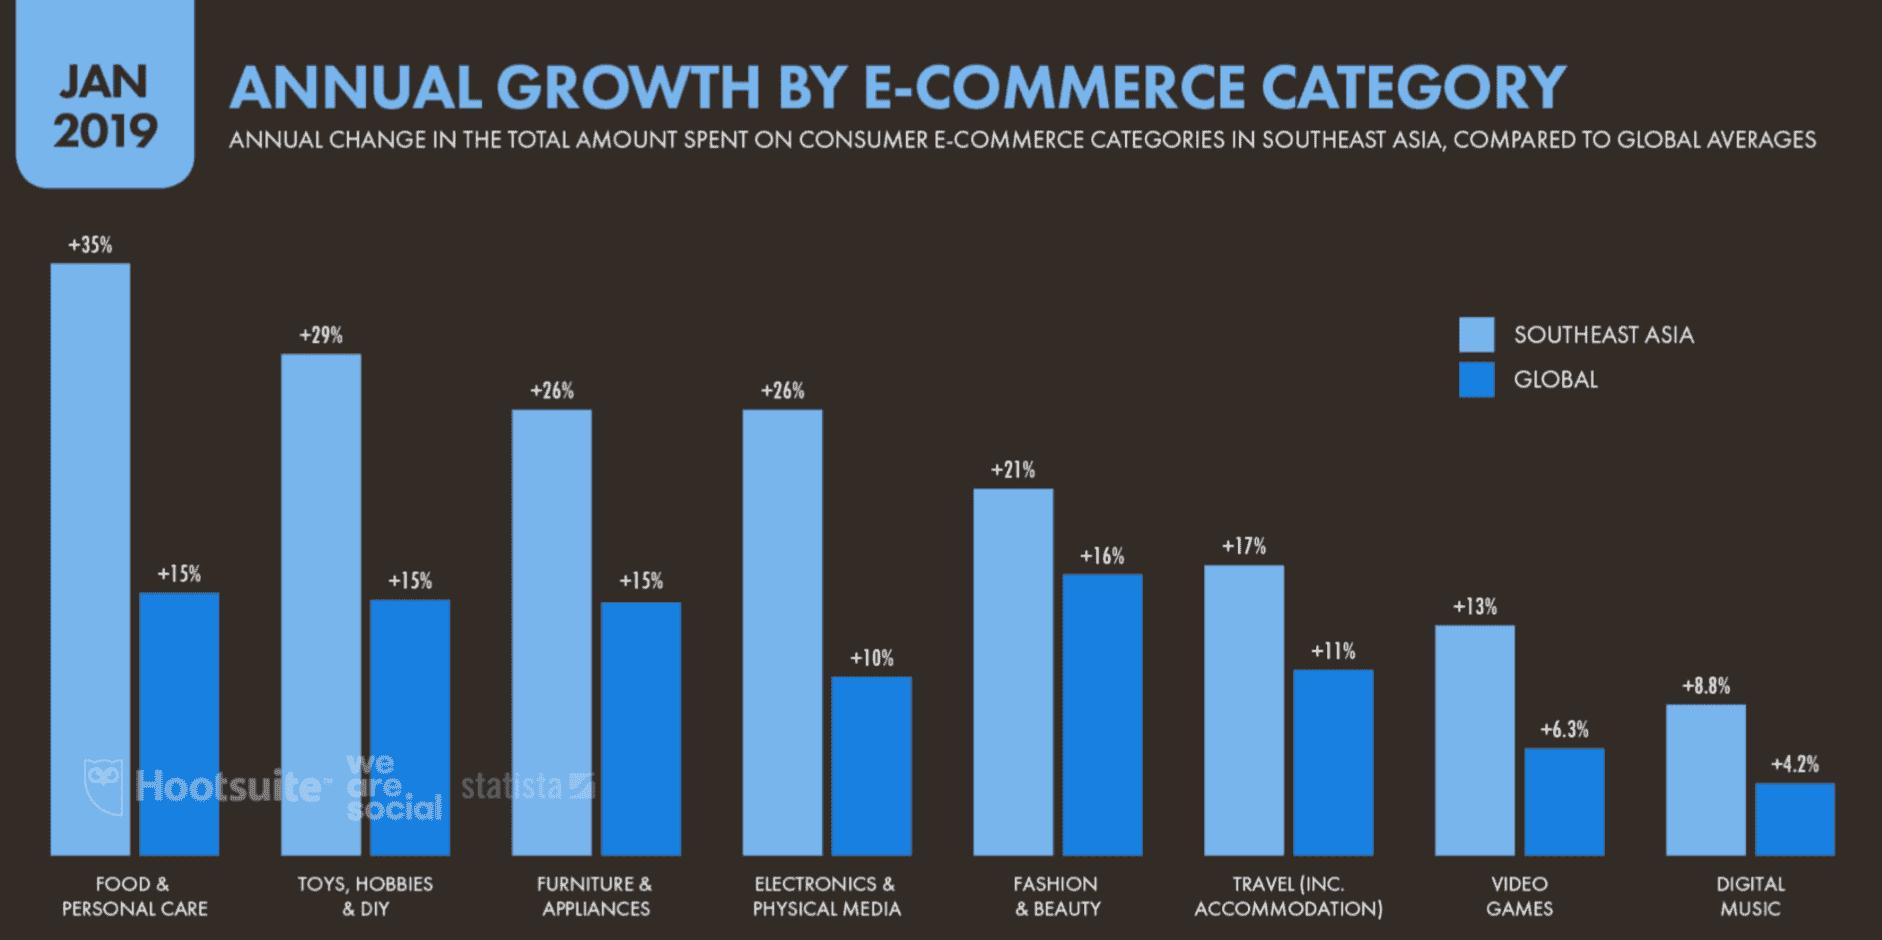 La croissance annuelle par catégorie de e-commerce